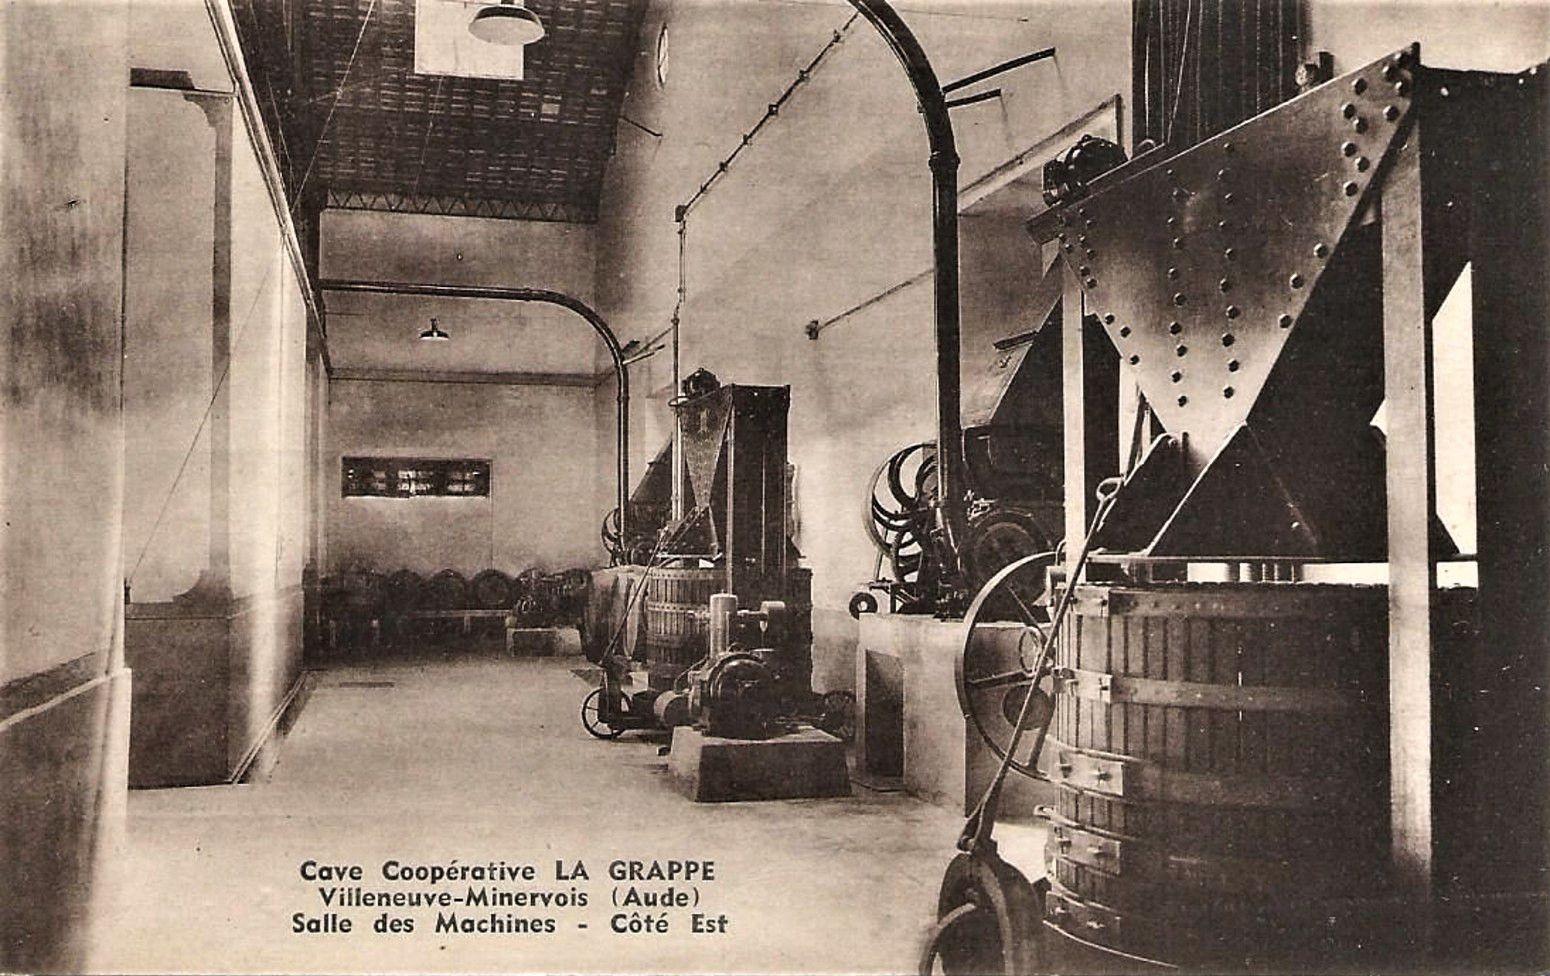 Cave coopérative de Villeneuve-Minervois.